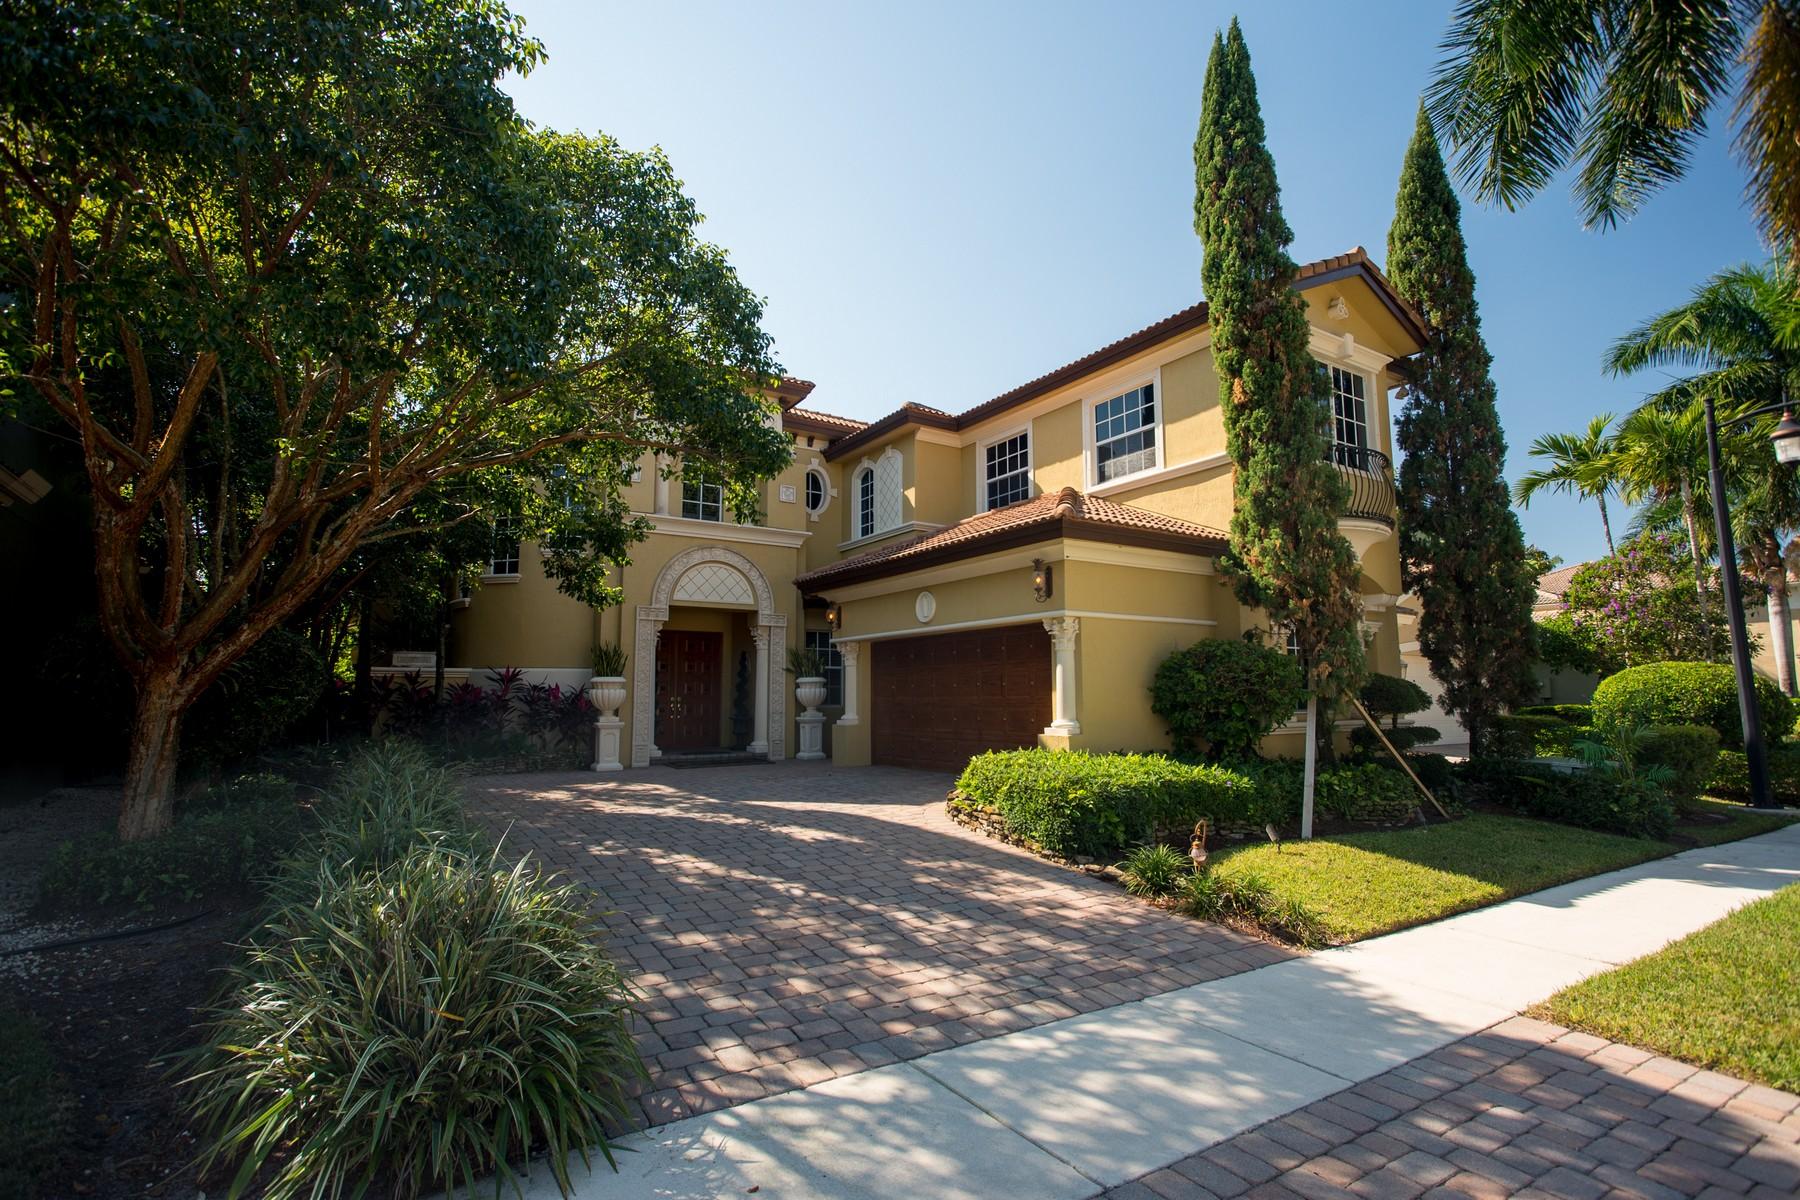 Maison unifamiliale pour l Vente à 8018 Valhalla Dr , Delray Beach, FL 33446 8018 Valhalla Dr Delray Beach, Florida, 33446 États-Unis